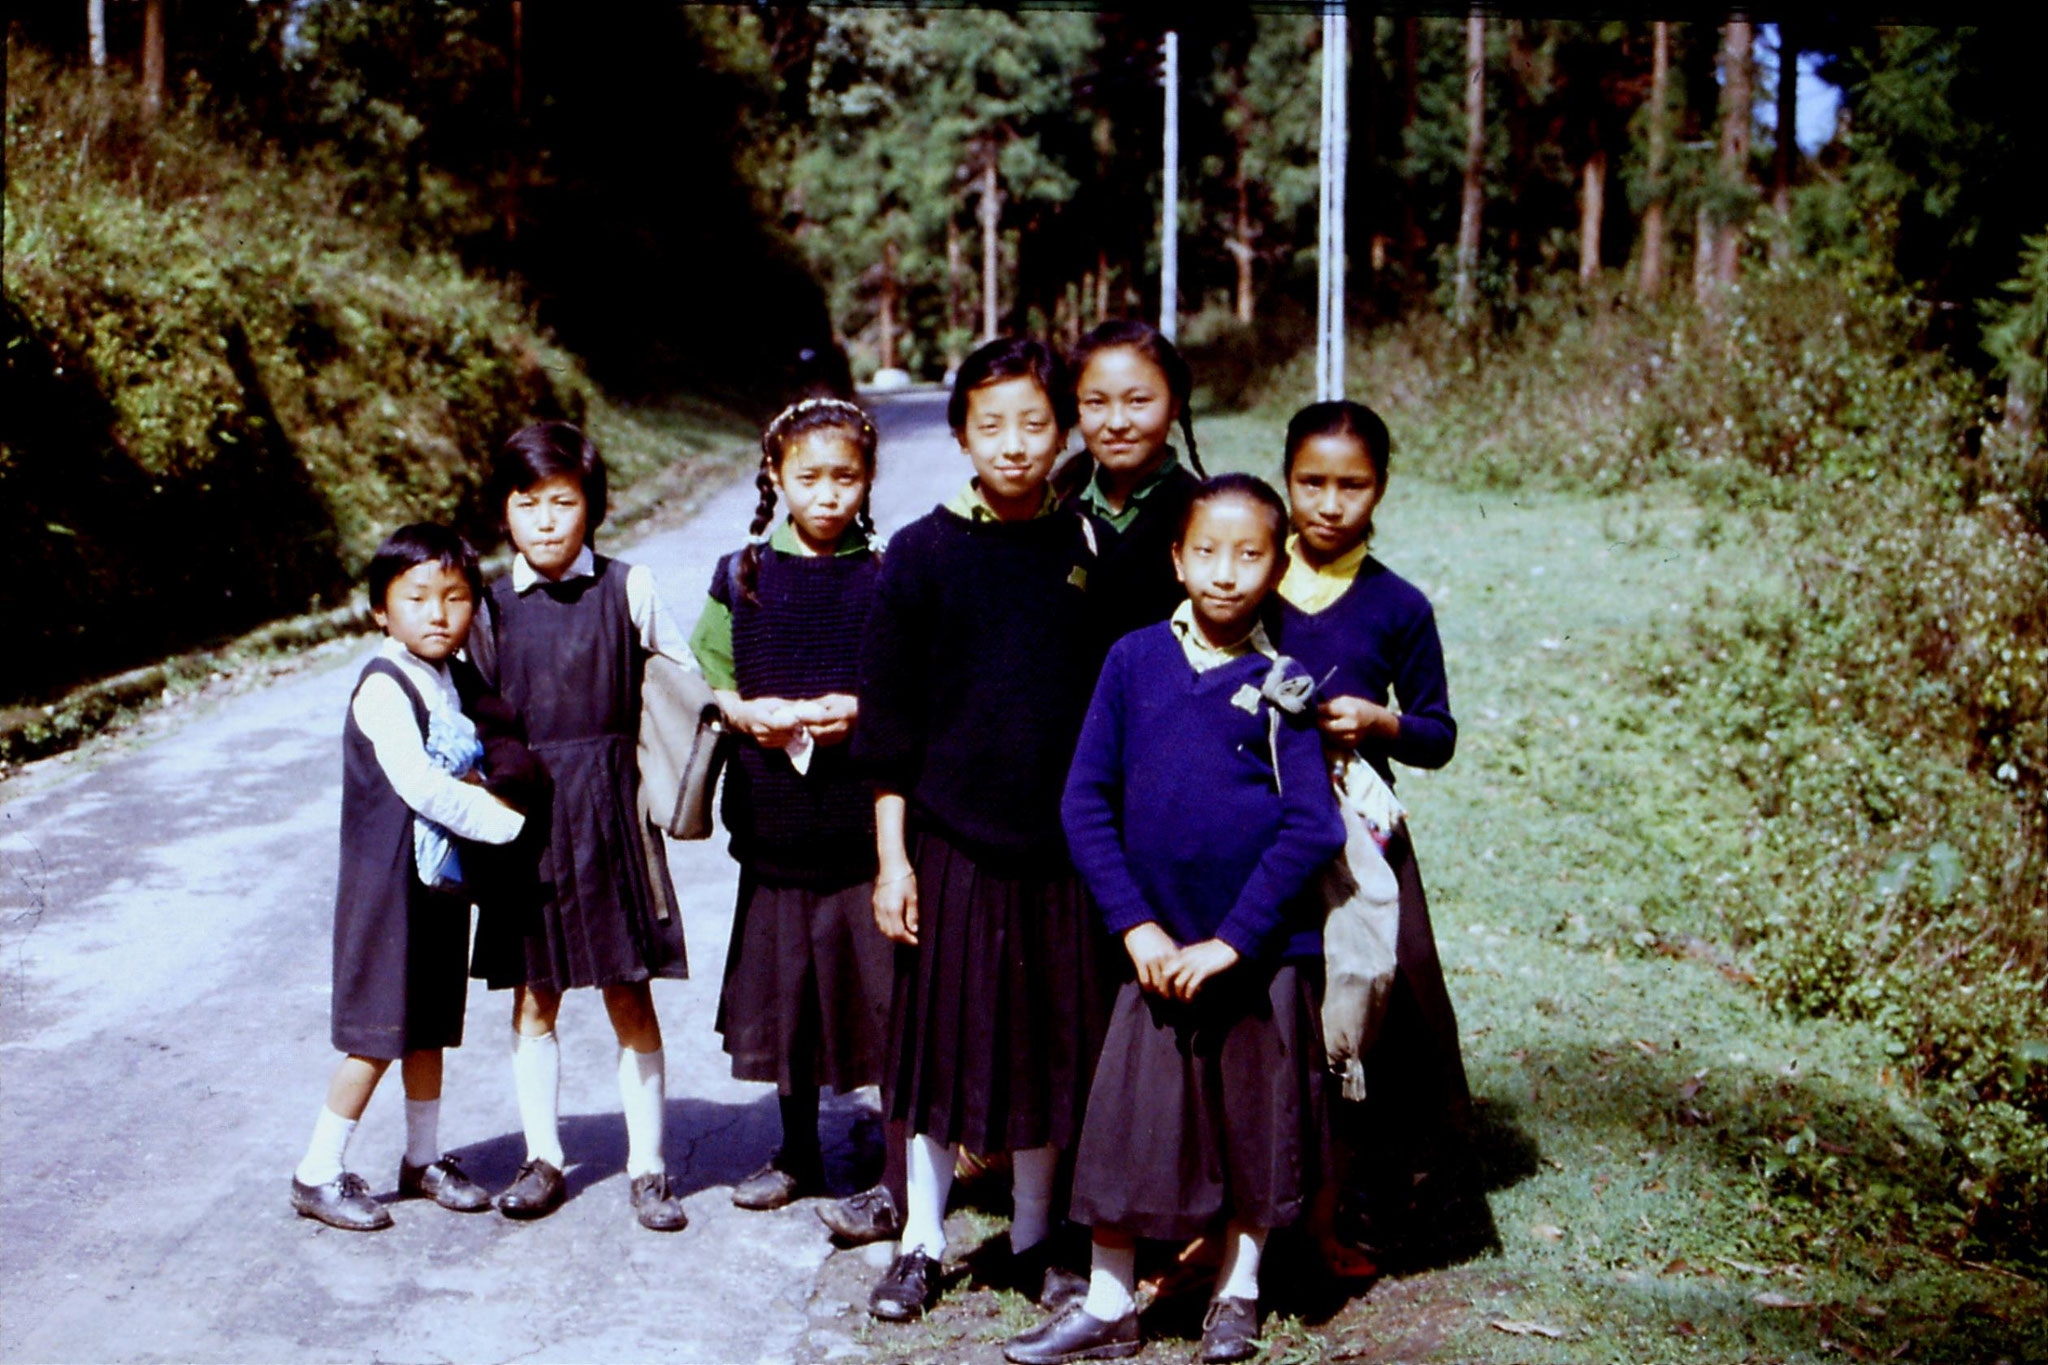 115/28: 28/4/1990 Pelling - schoolgirls